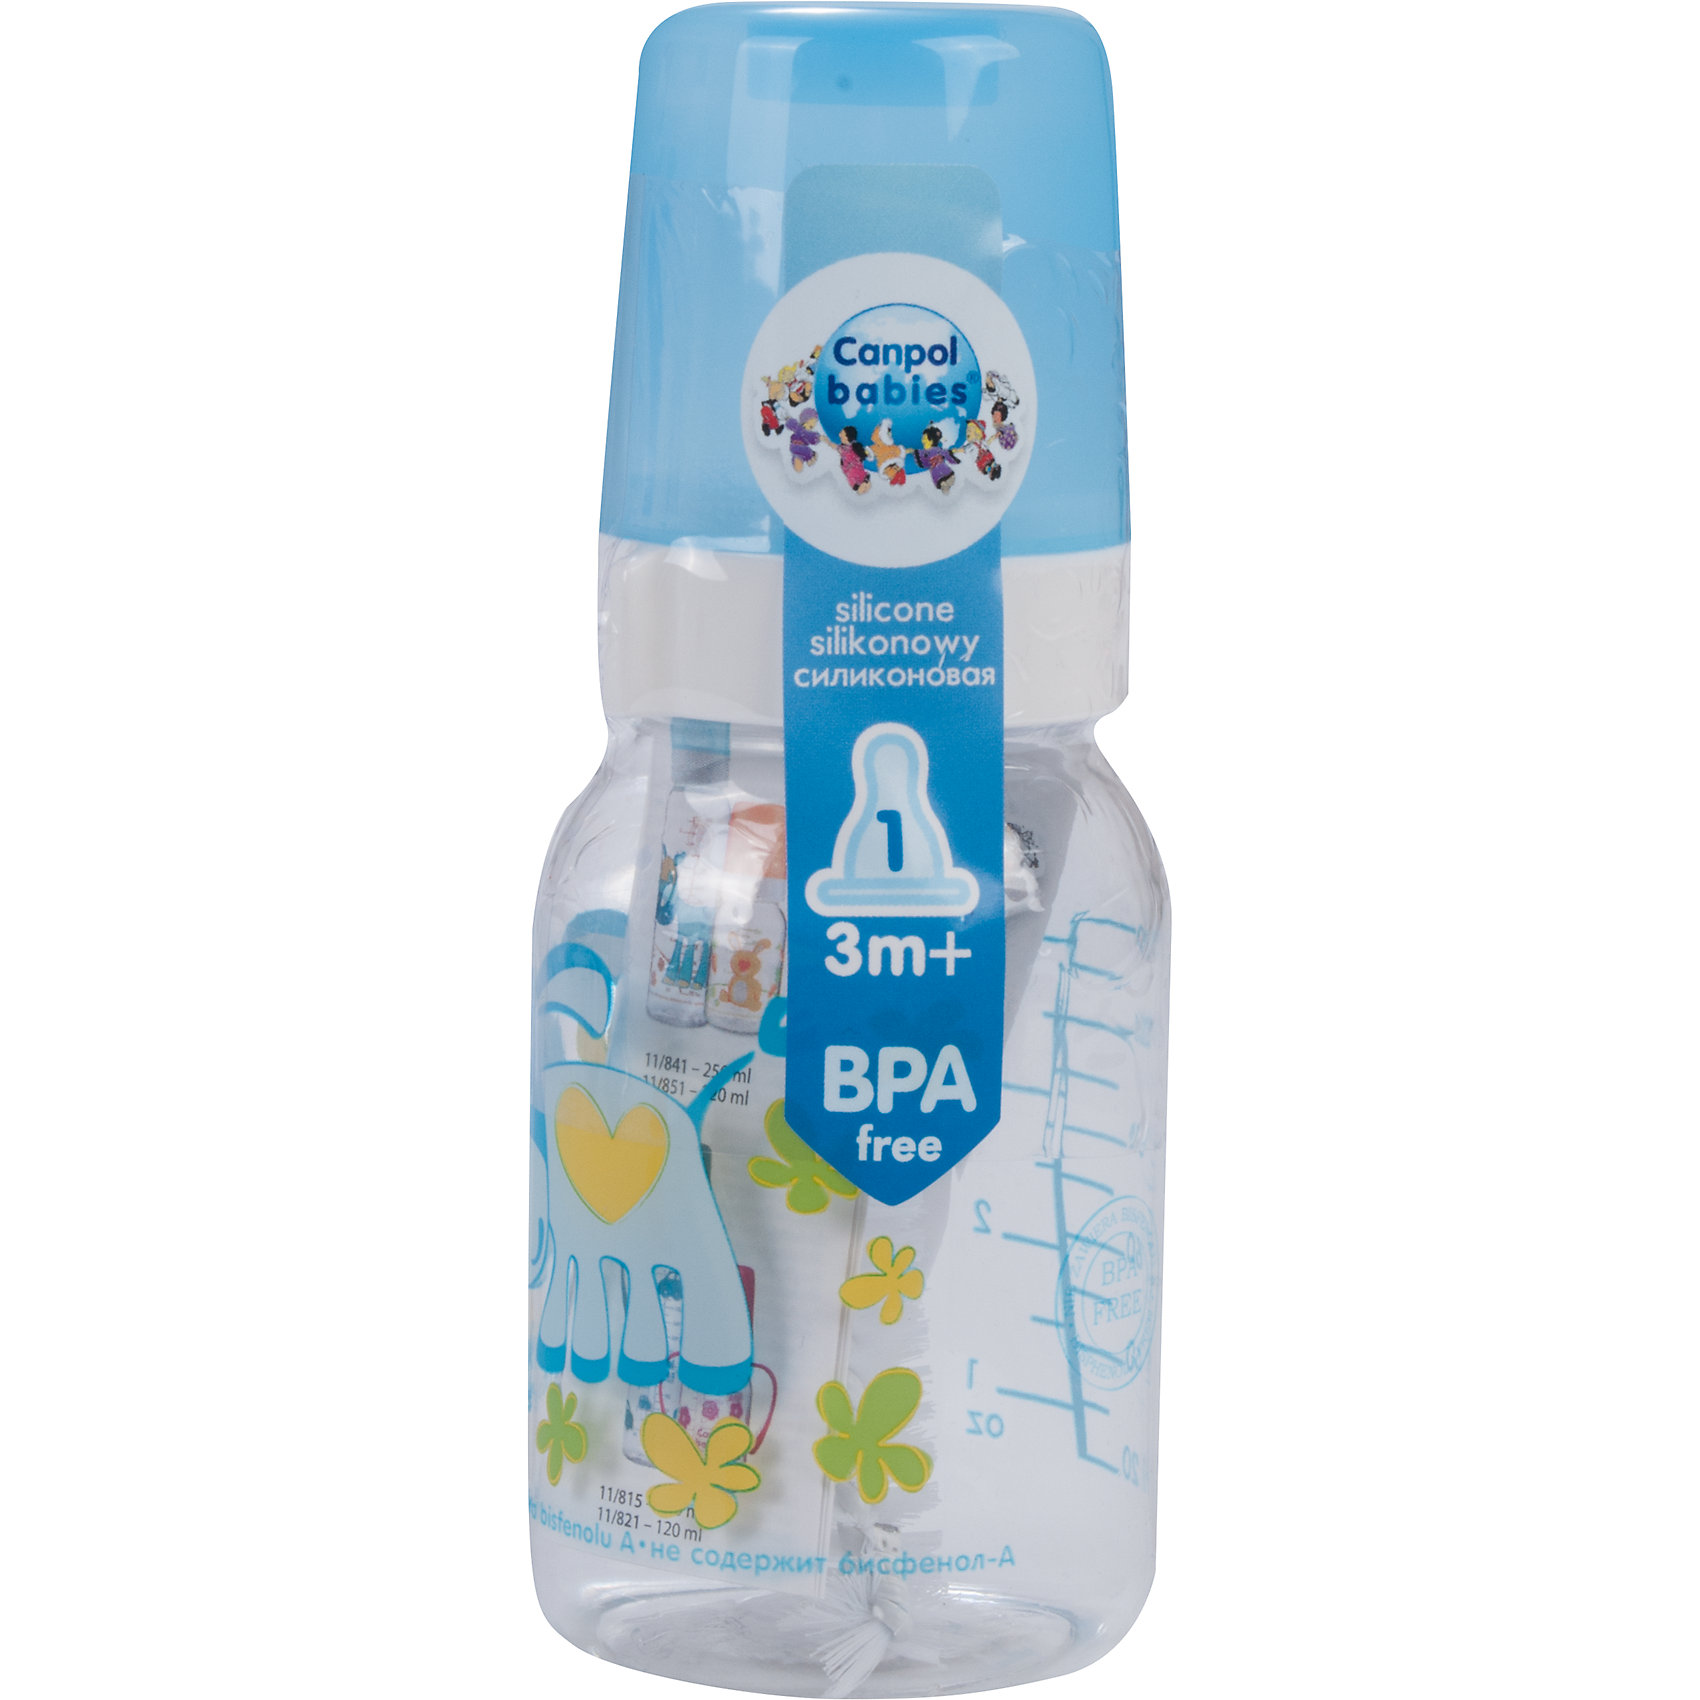 Canpol Babies Бутылочка тритановая (BPA 0%) с сил. соской, 120 мл. 3+ Cheerful animals, Canpol Babies, ослик canpol babies бутылочка тритановая bpa 0